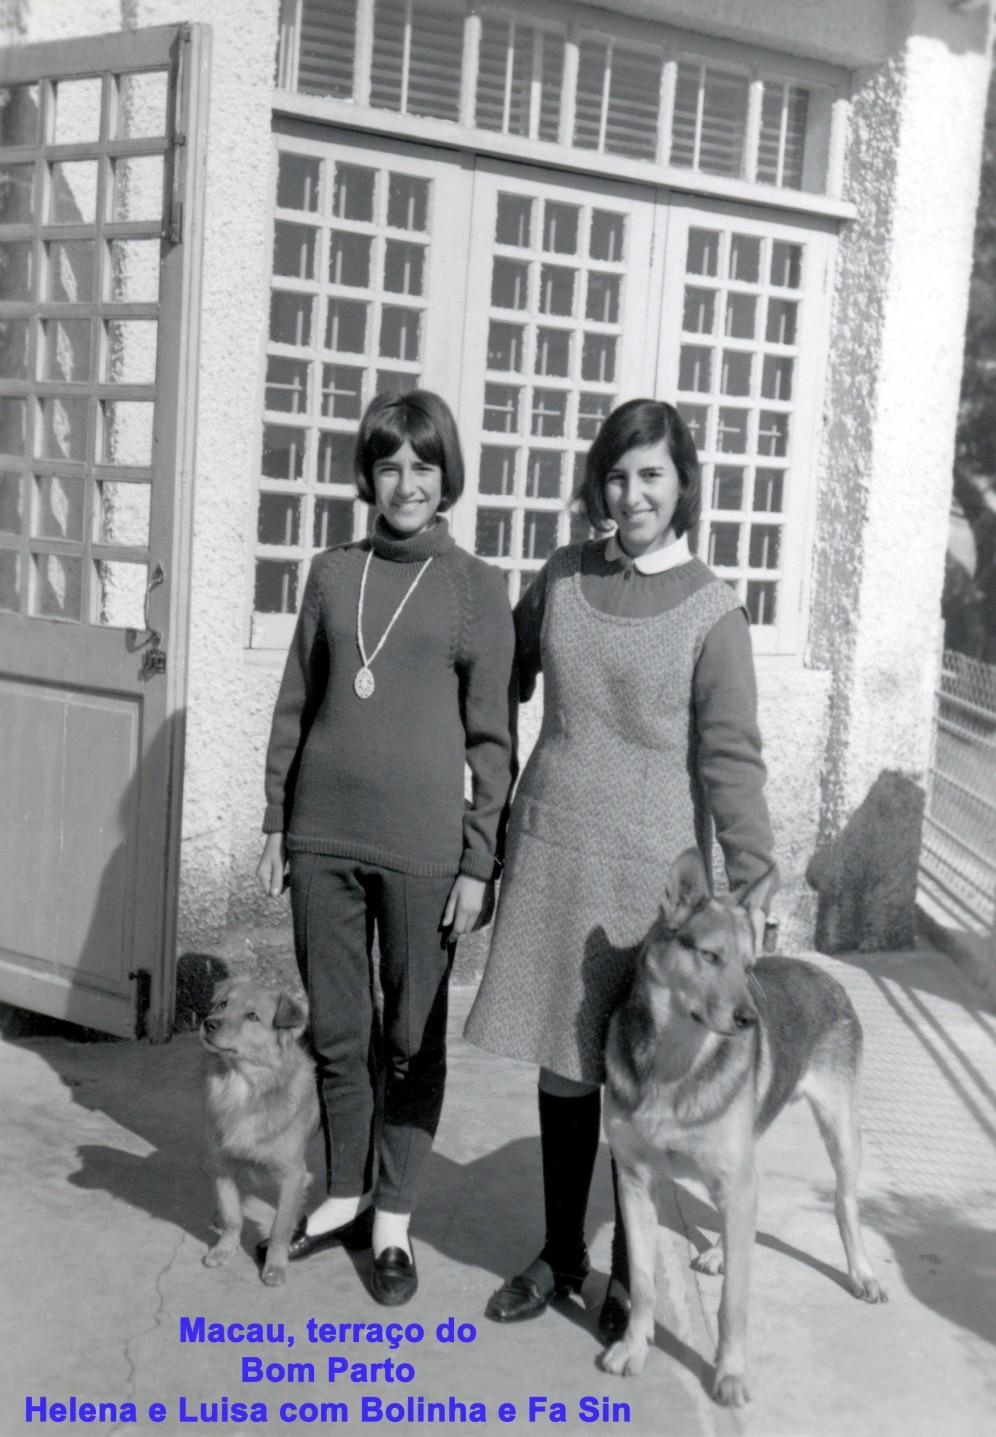 151 67 Helena e Luisa com Bolinha e Fa Sin no terraço do Bom Parto